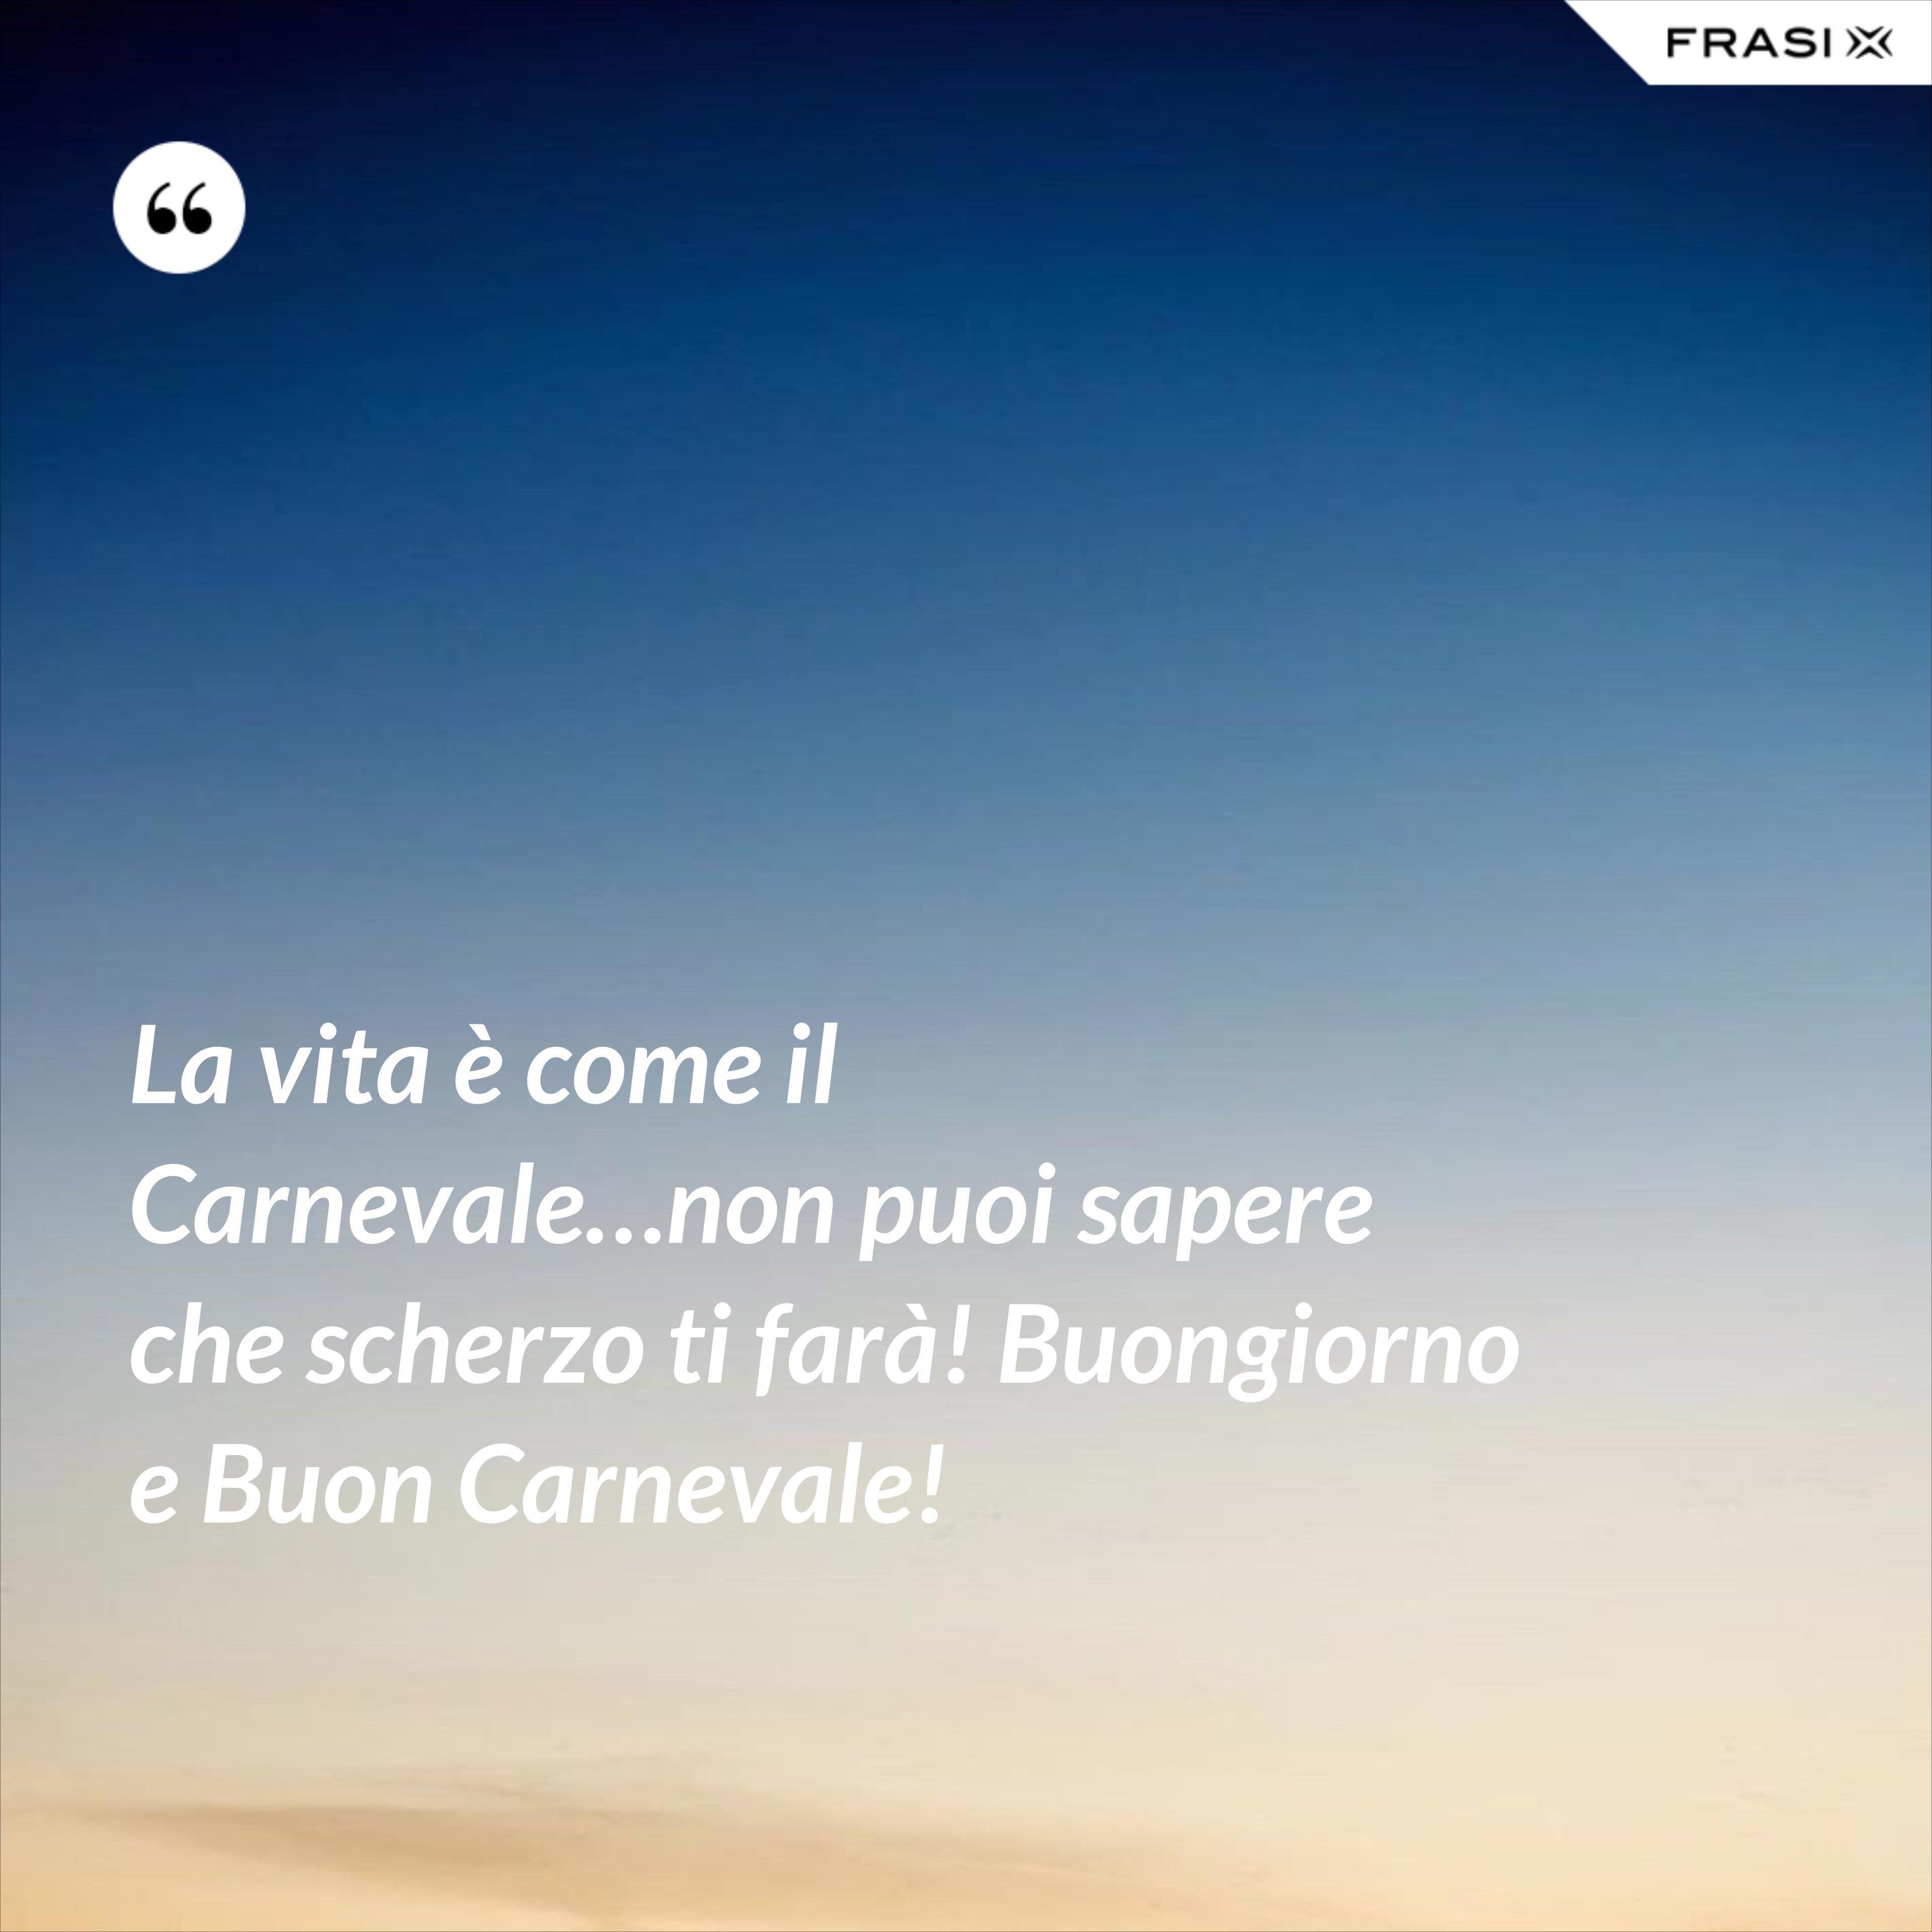 La vita è come il Carnevale…non puoi sapere che scherzo ti farà! Buongiorno e Buon Carnevale! - Anonimo